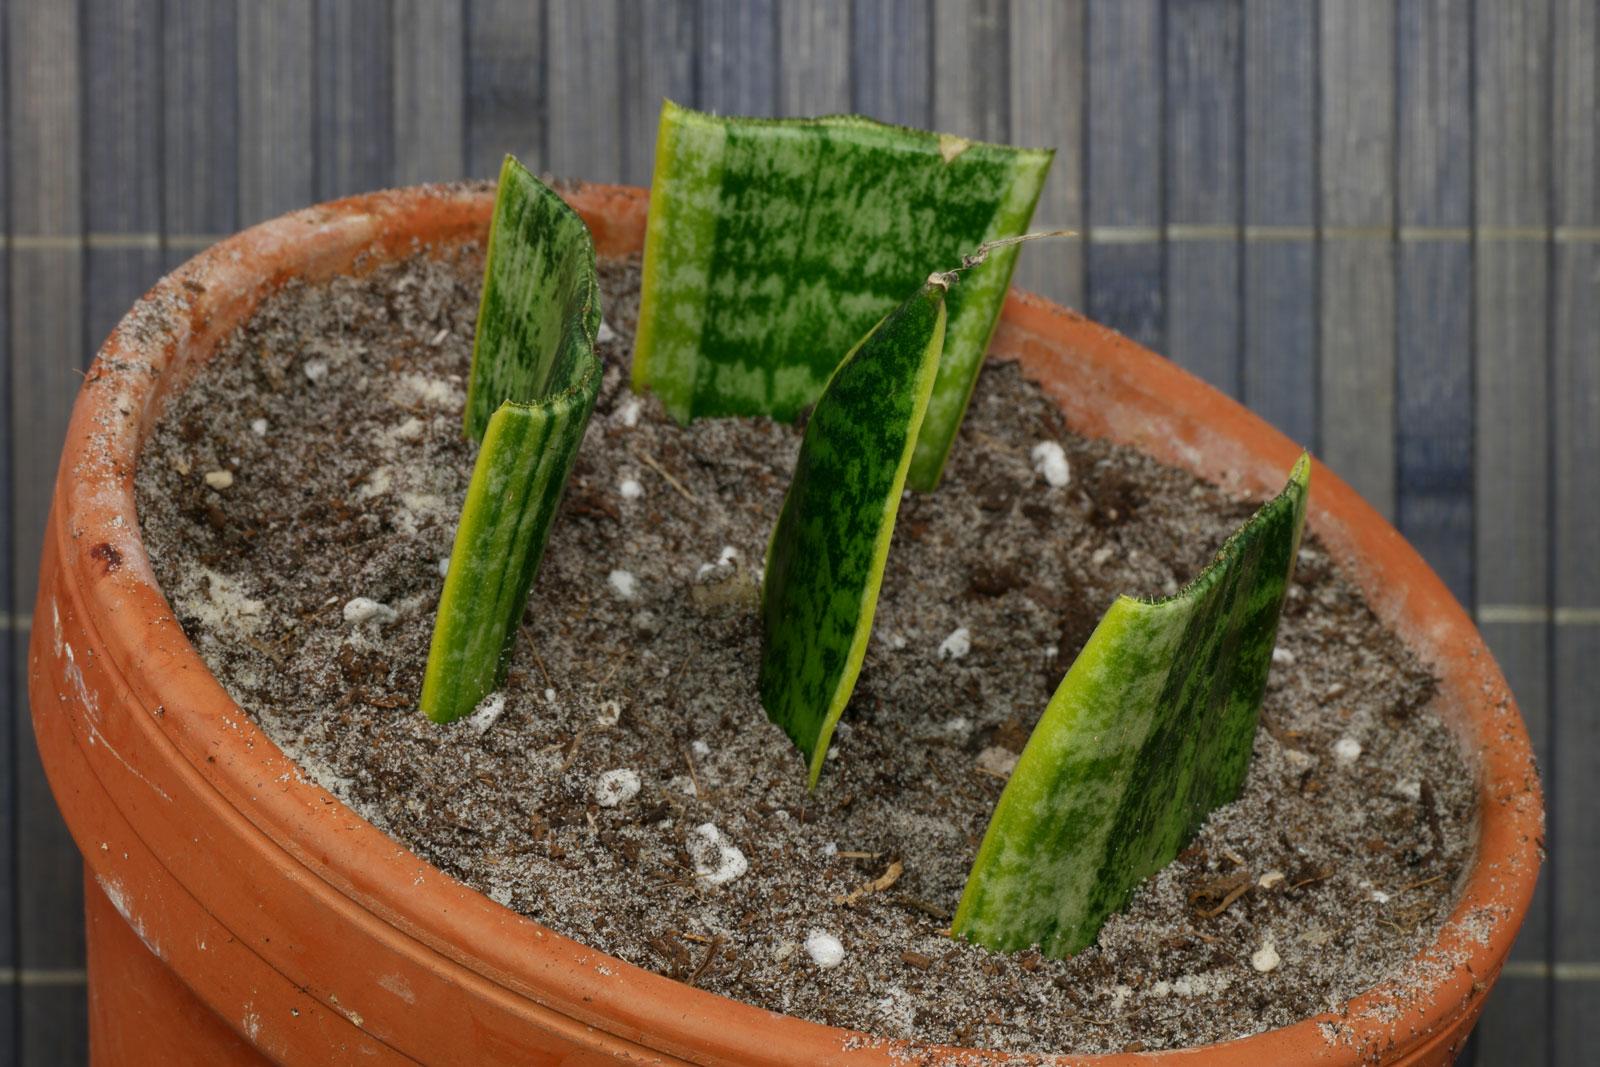 Sansevieria Blattstecklinge einpflanzen